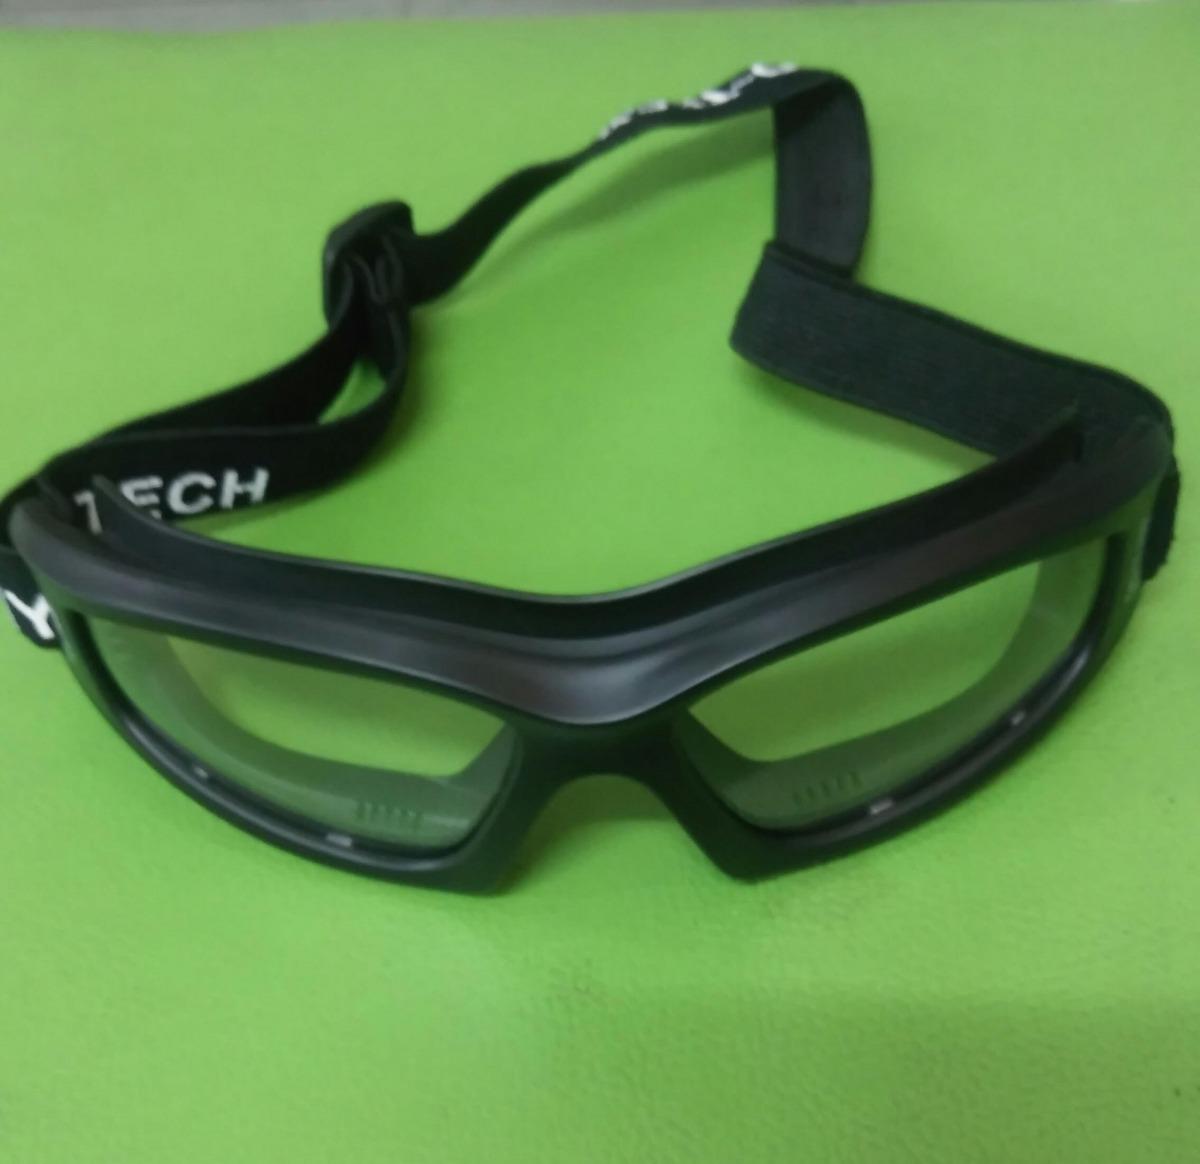 oculos proteção futebol basquete voley sem clip interno. Carregando zoom. 00f8c0c809